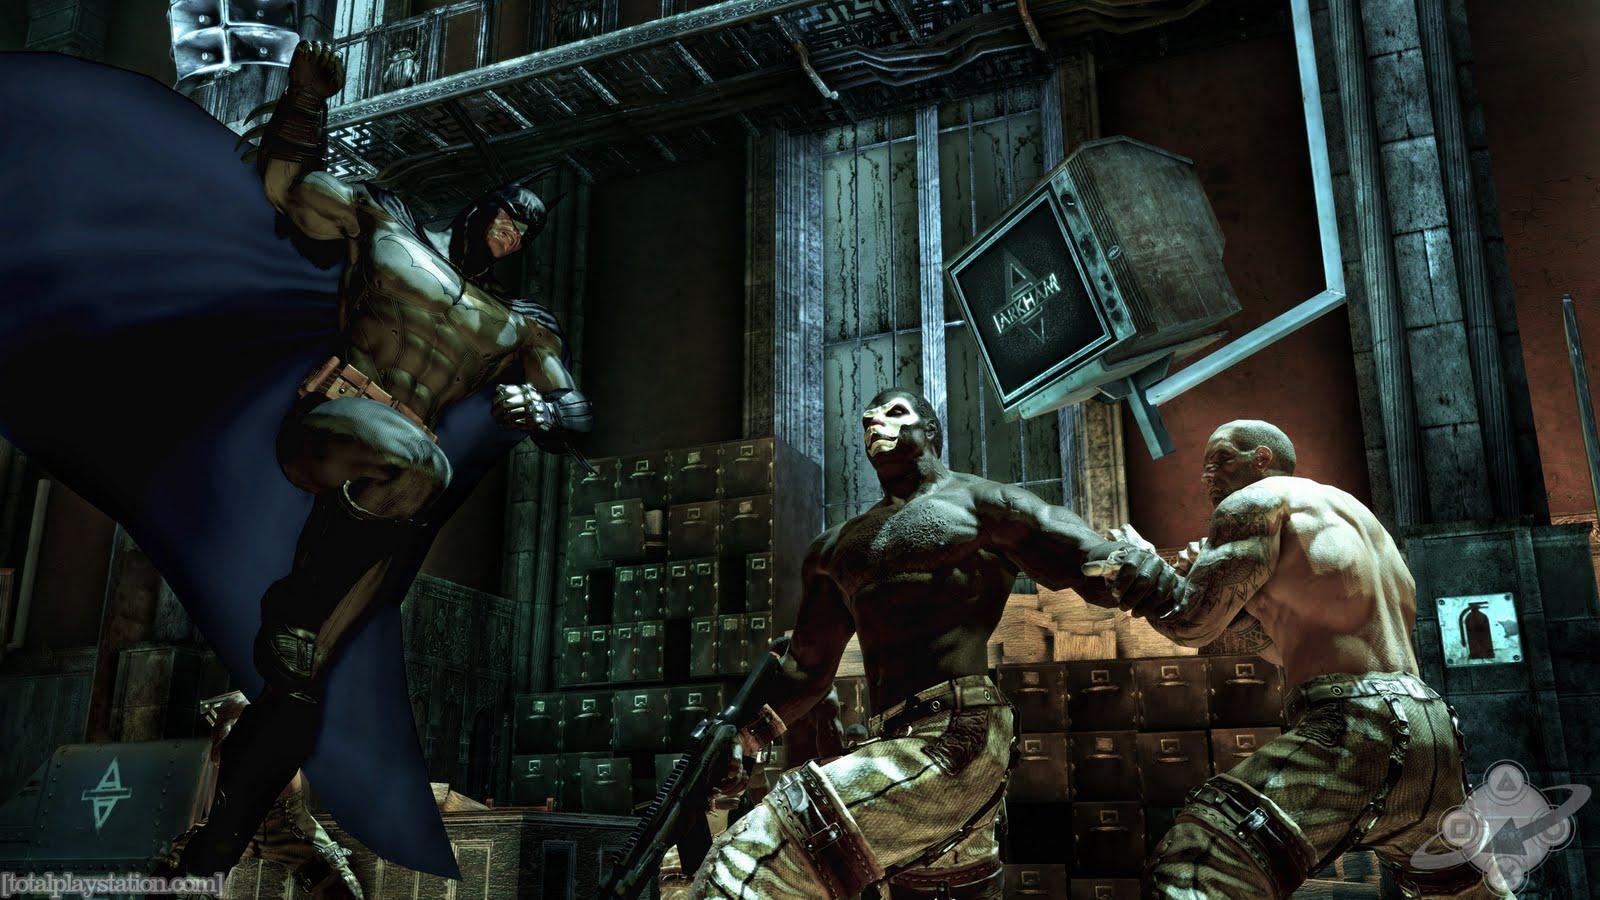 Mavis Fitzpatrick batman arkham asylum wallpaper 1600x900